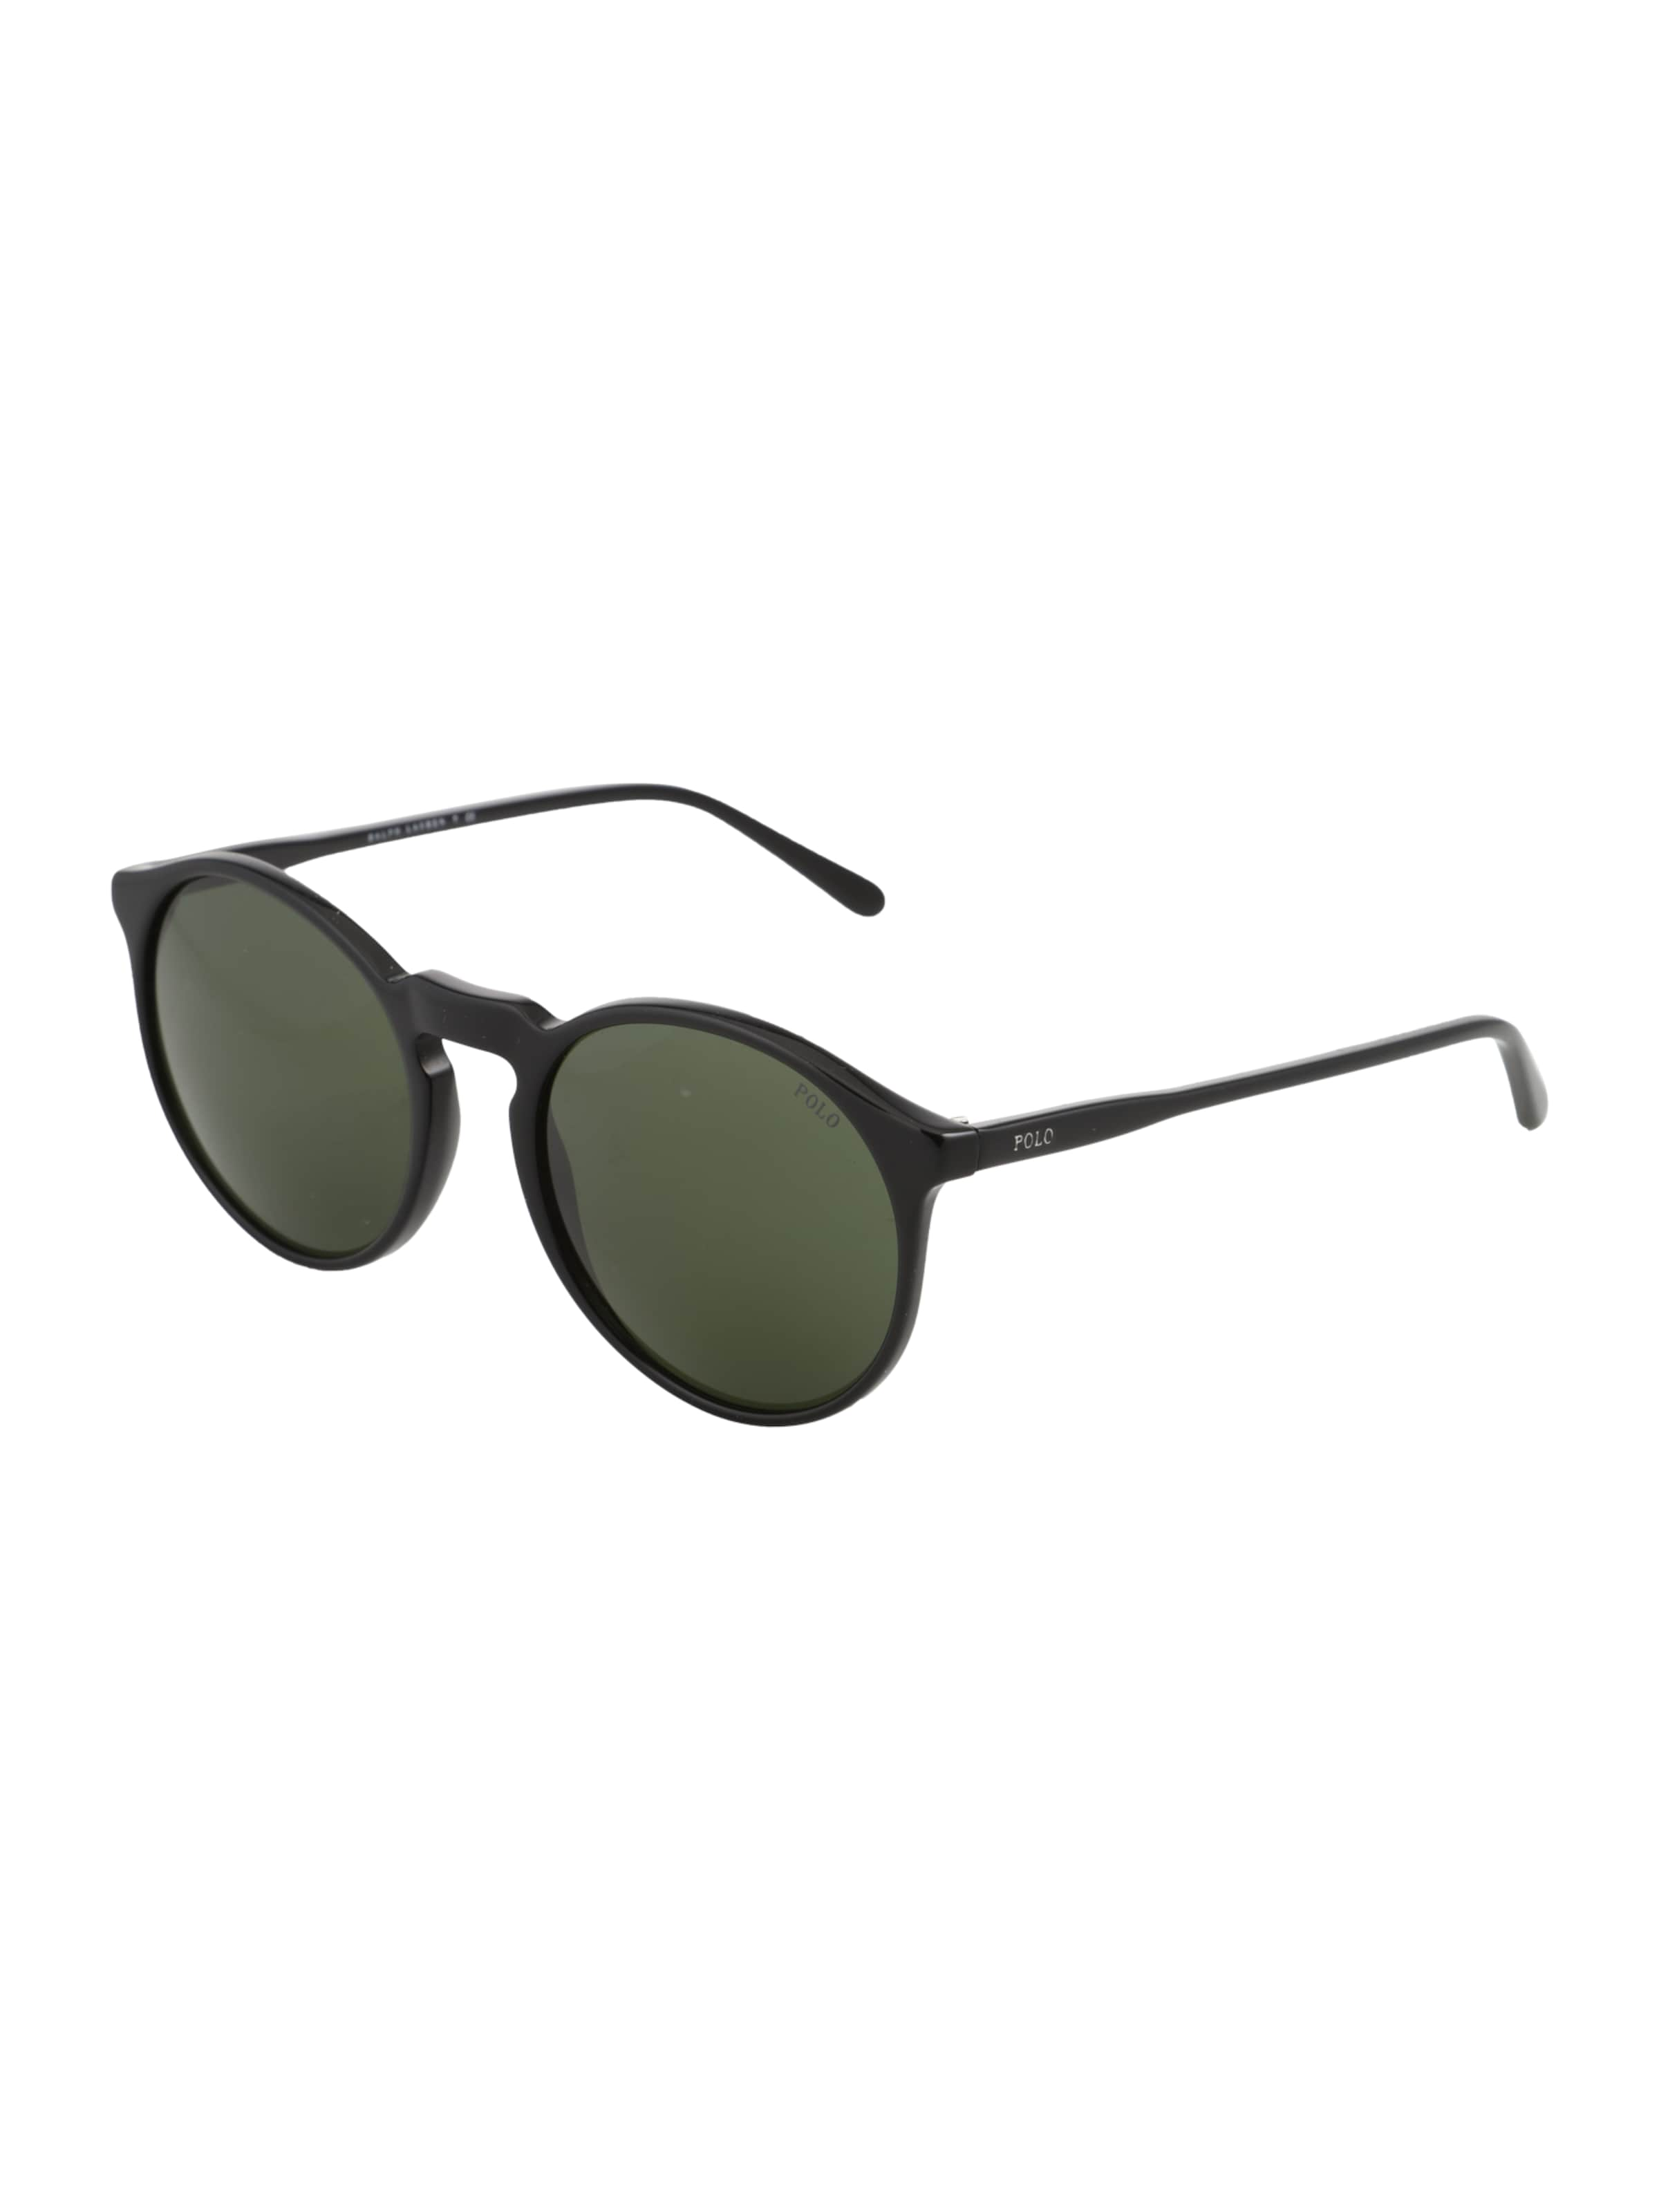 Offizielle Günstig Online Freies Verschiffen Veröffentlichungstermine POLO RALPH LAUREN Casual Sonnenbrille mit Panto-Gestell 4Ao851wJ0